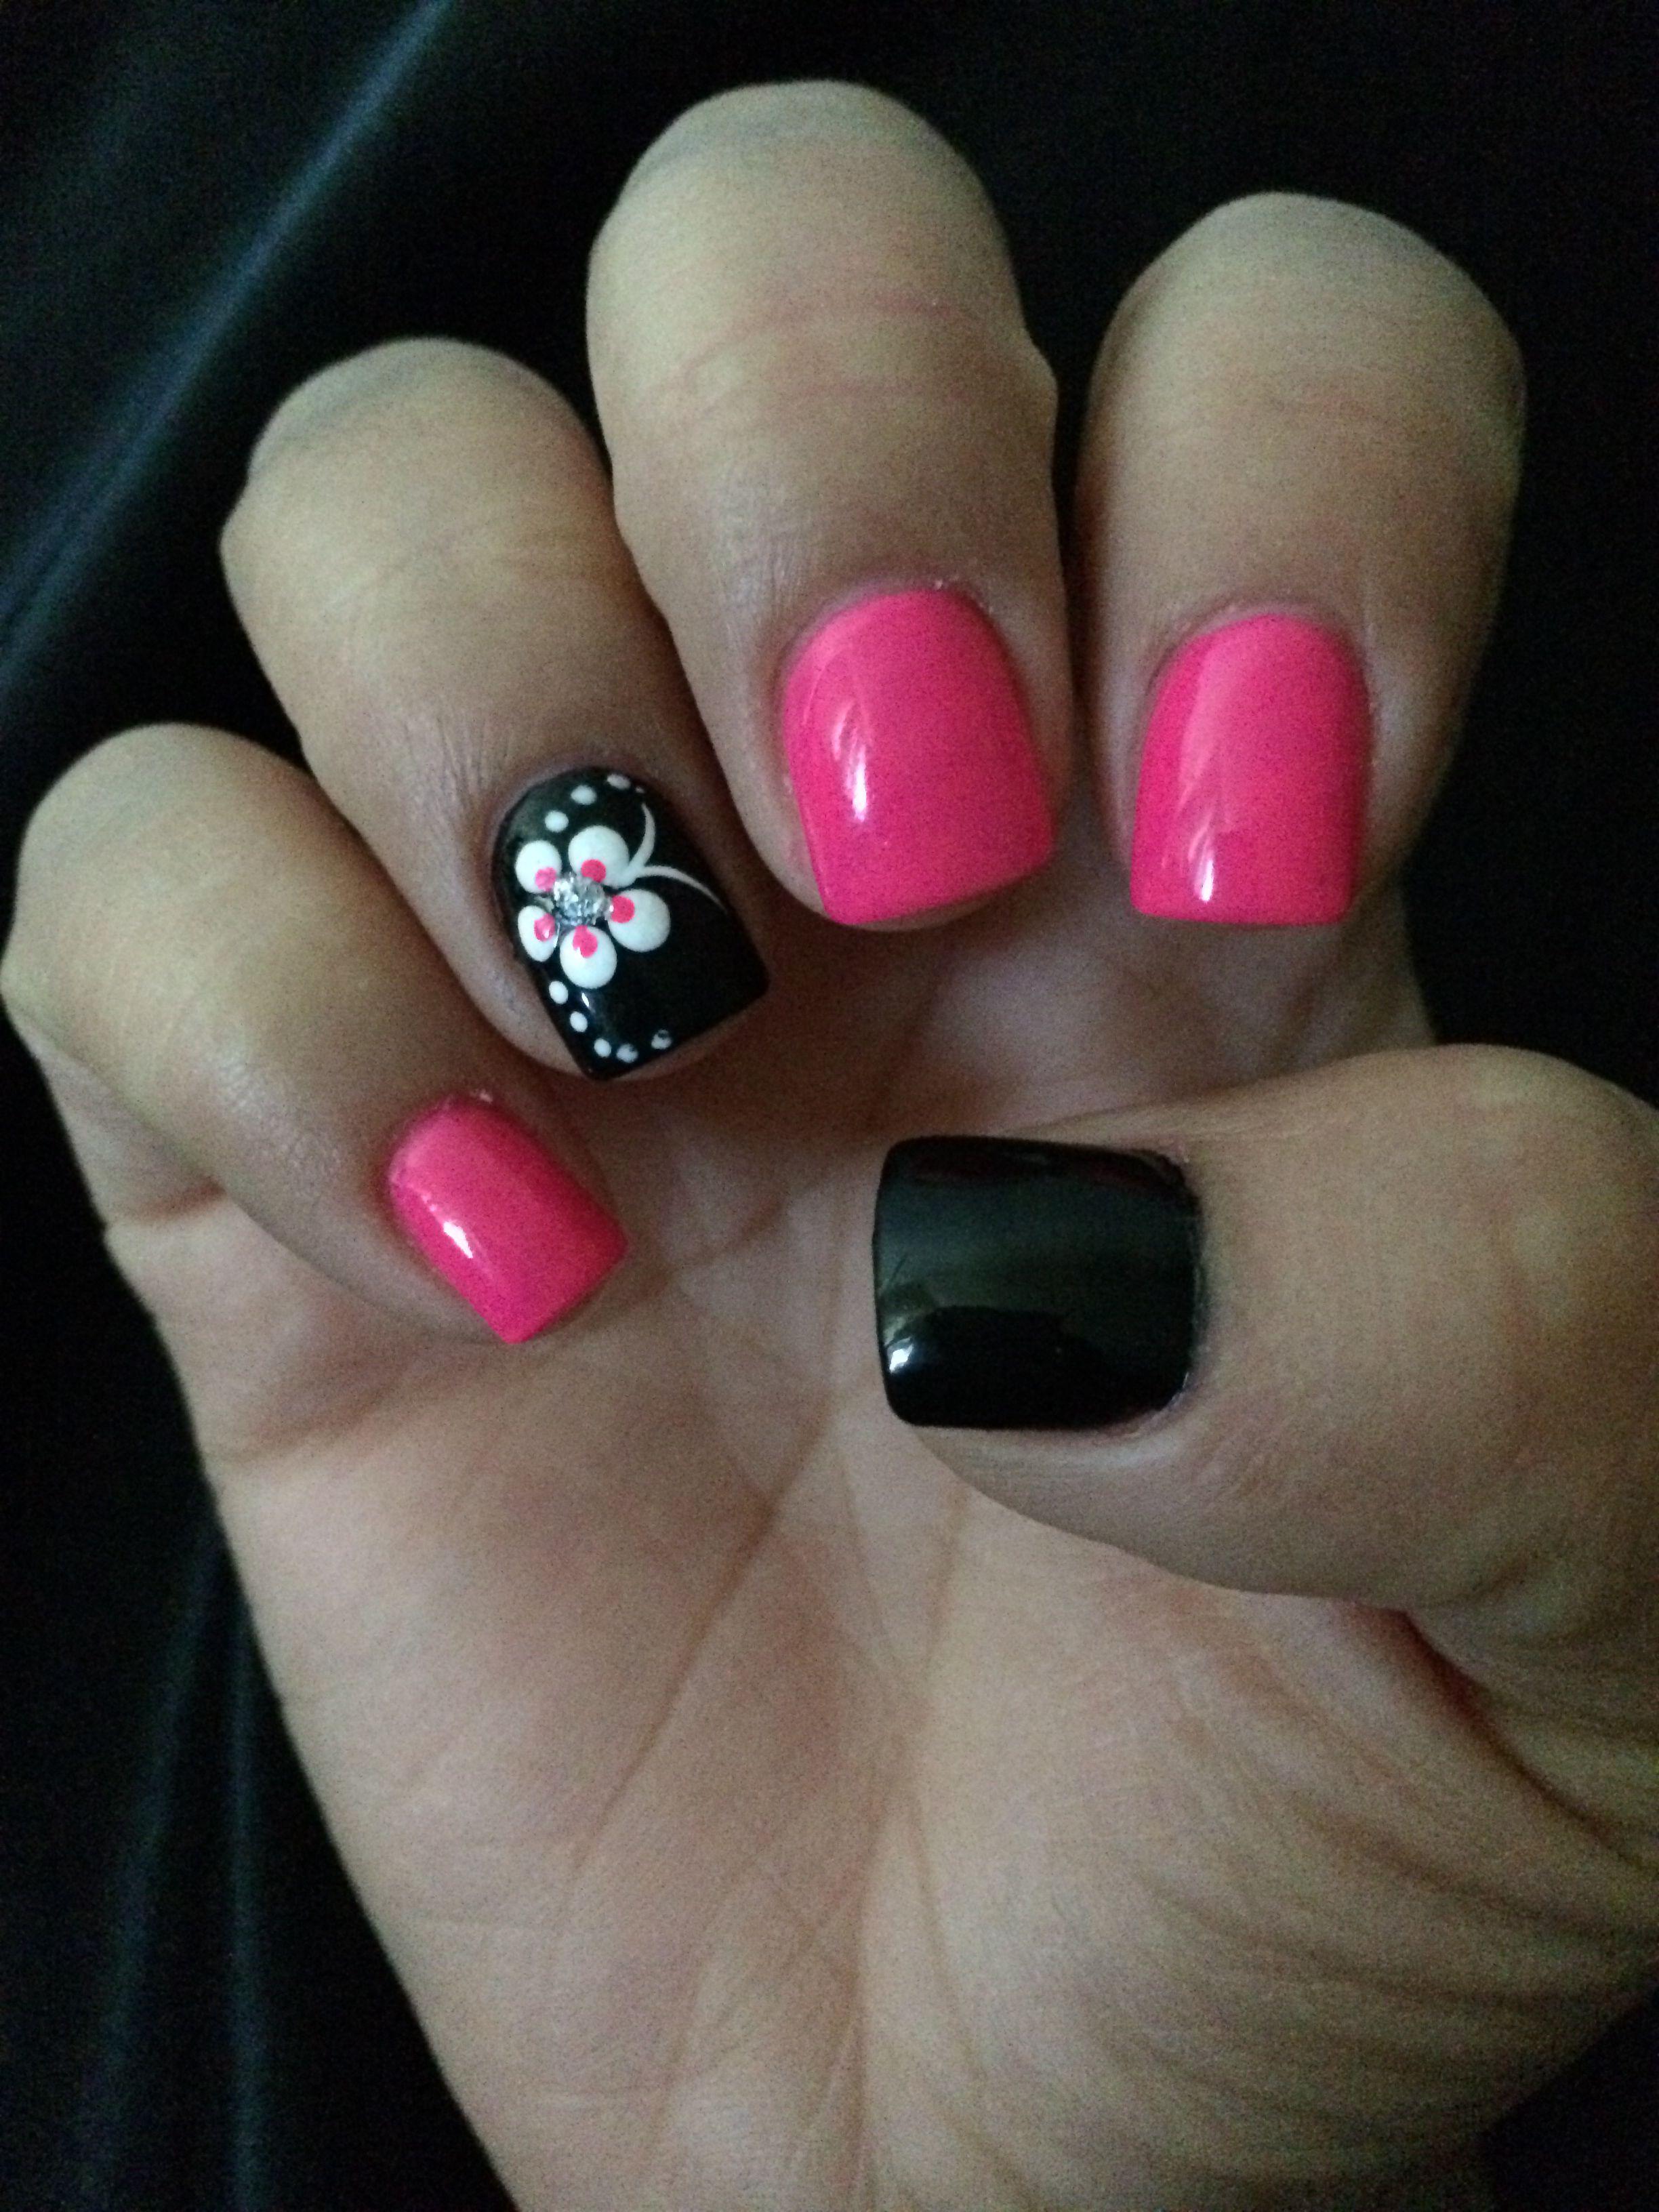 Pink and black nails nails pinterest black nails nails and